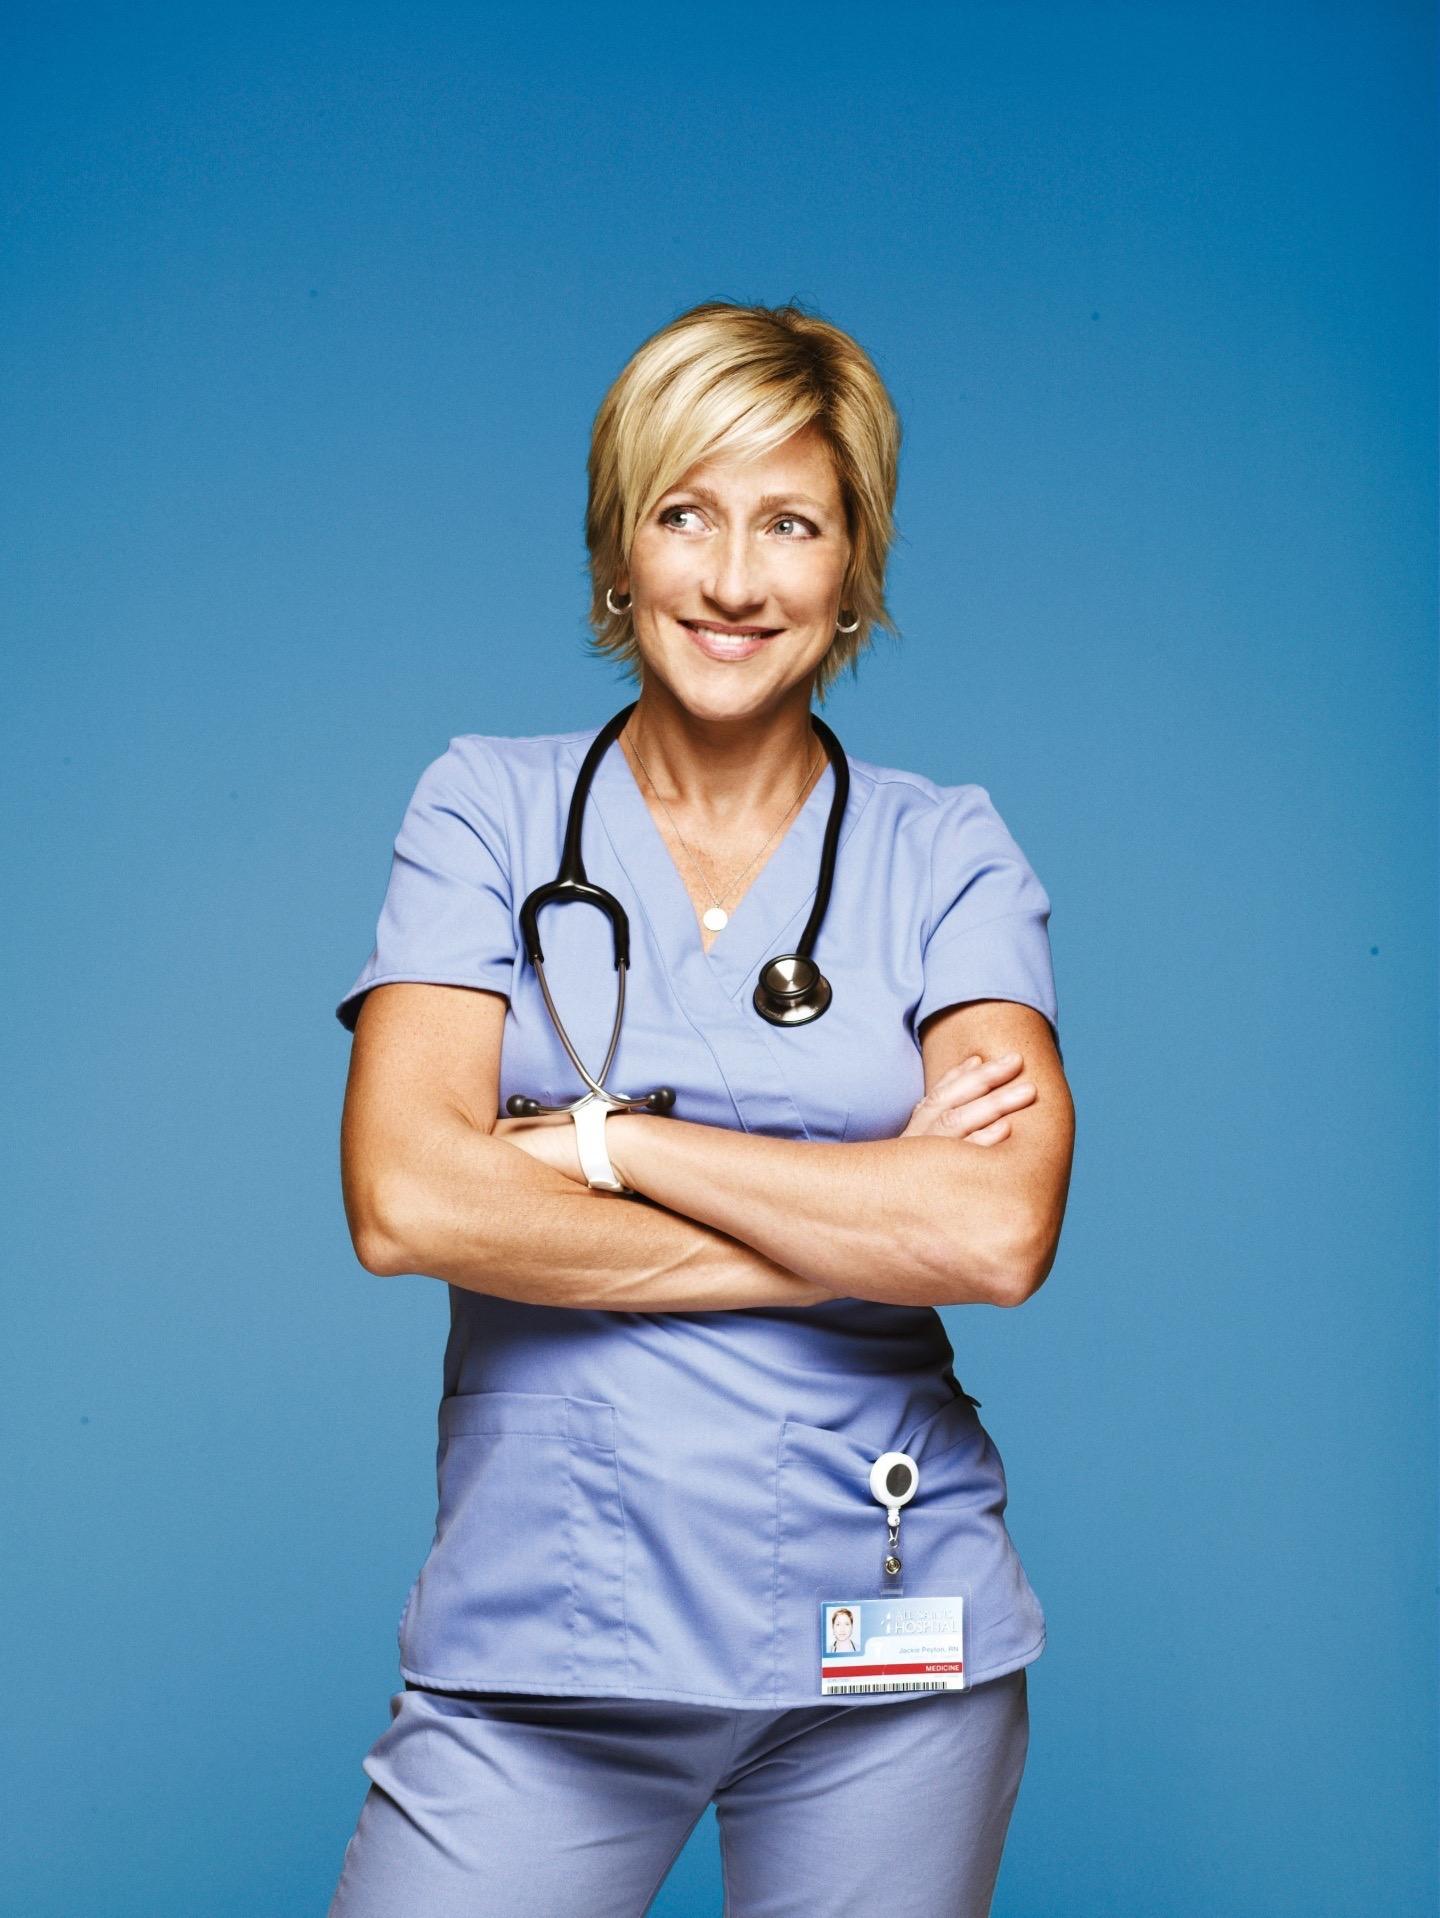 nurse-jackie-edie-falco-ccd4aae3f3274e1a09a9137c1f9c3654-large-764730.jpg